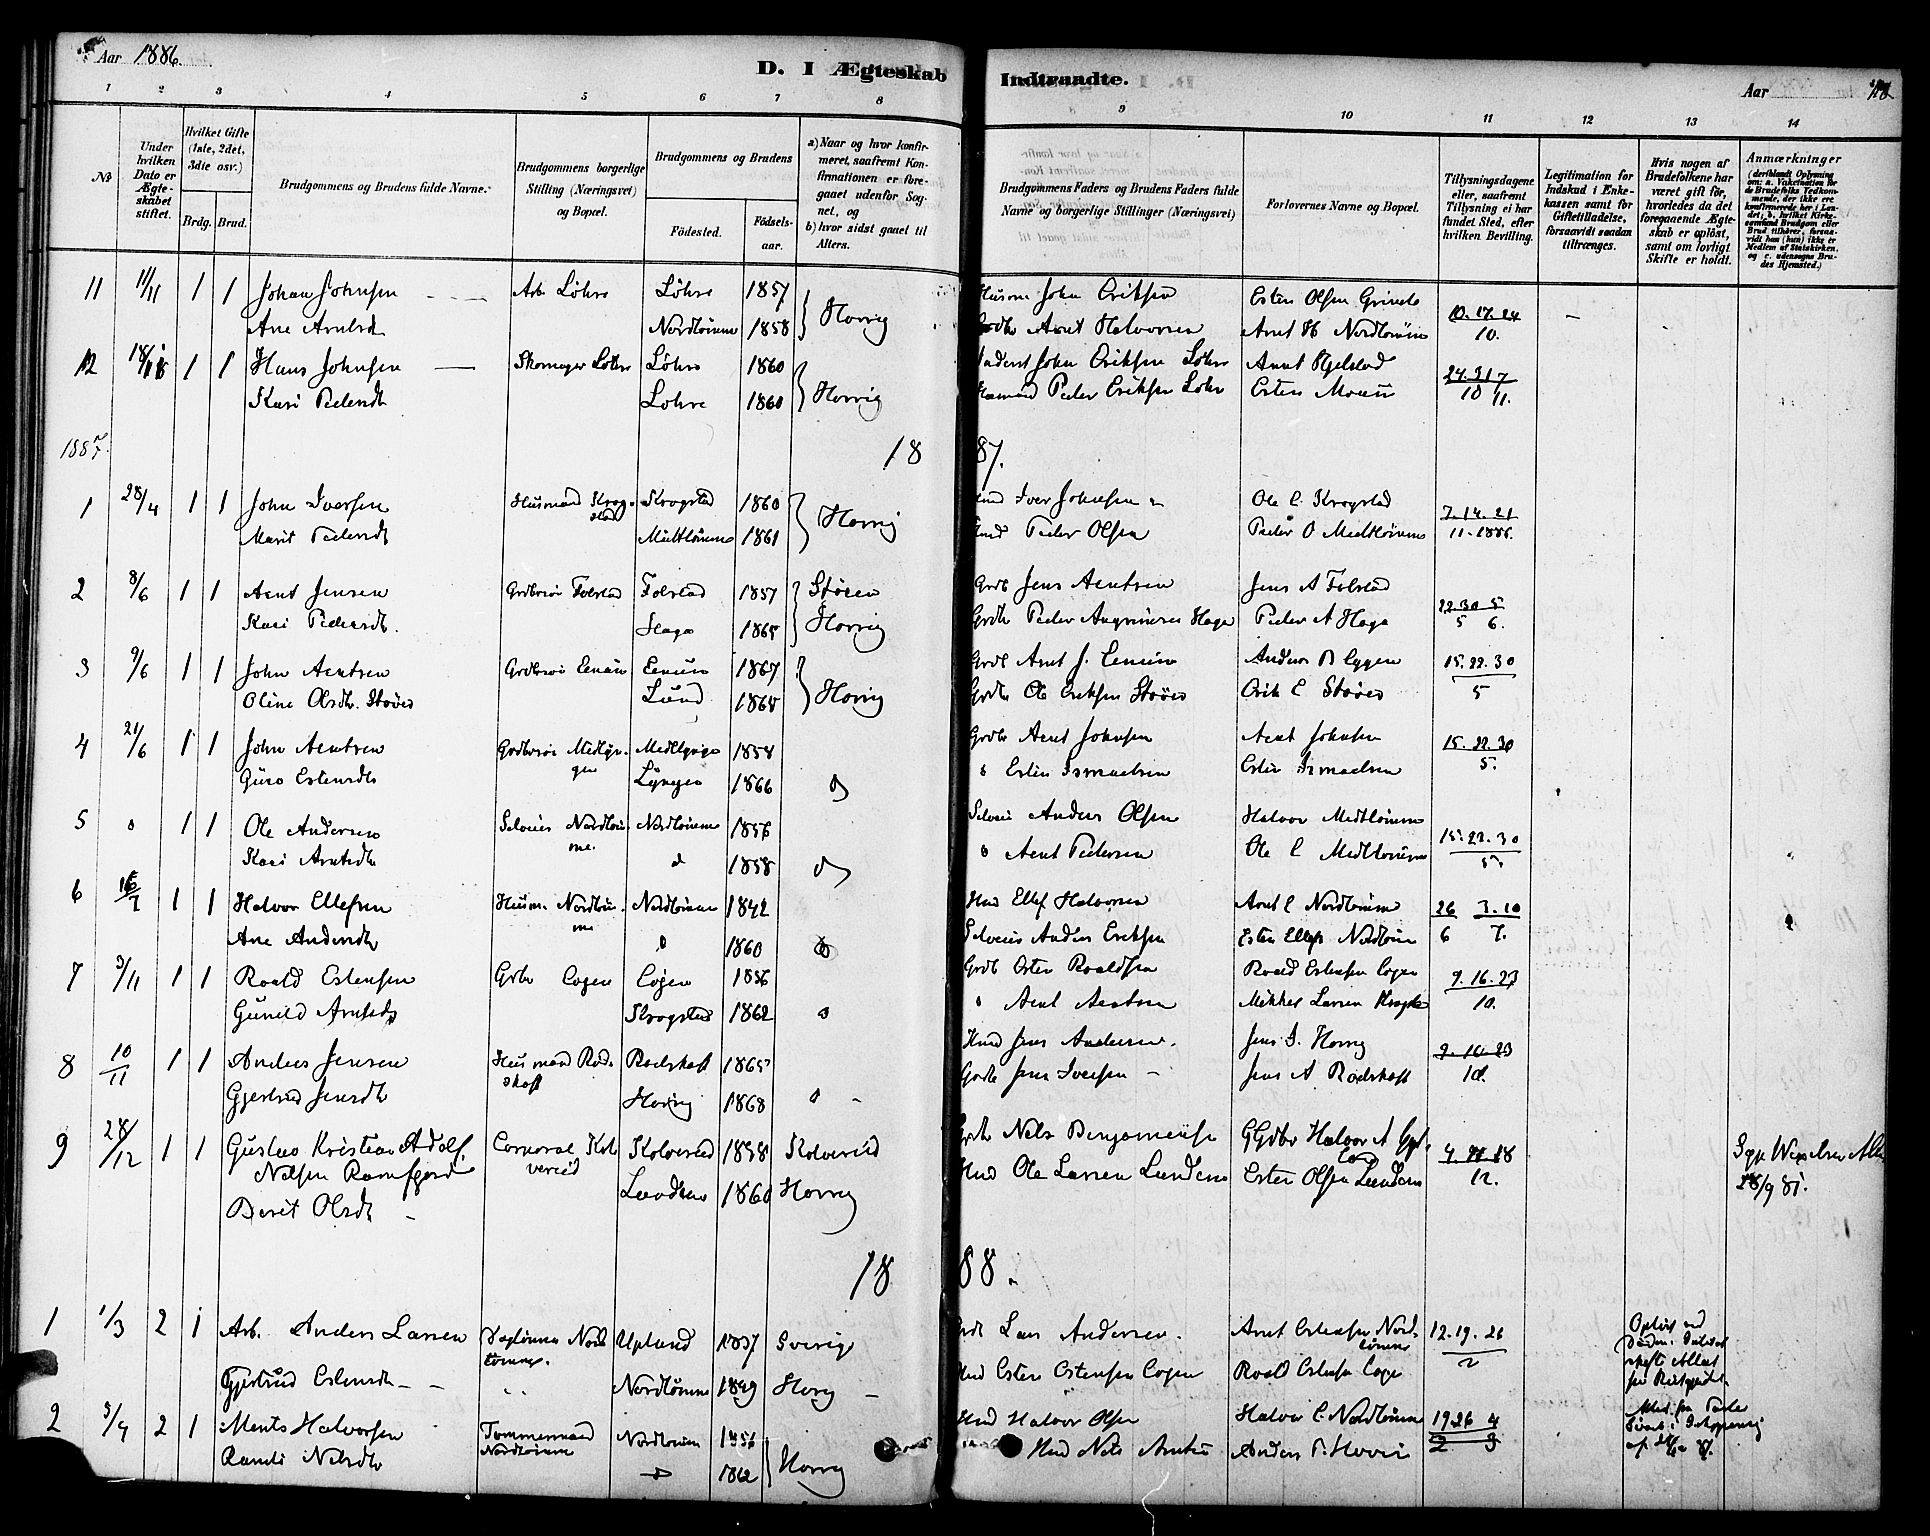 SAT, Ministerialprotokoller, klokkerbøker og fødselsregistre - Sør-Trøndelag, 692/L1105: Ministerialbok nr. 692A05, 1878-1890, s. 118